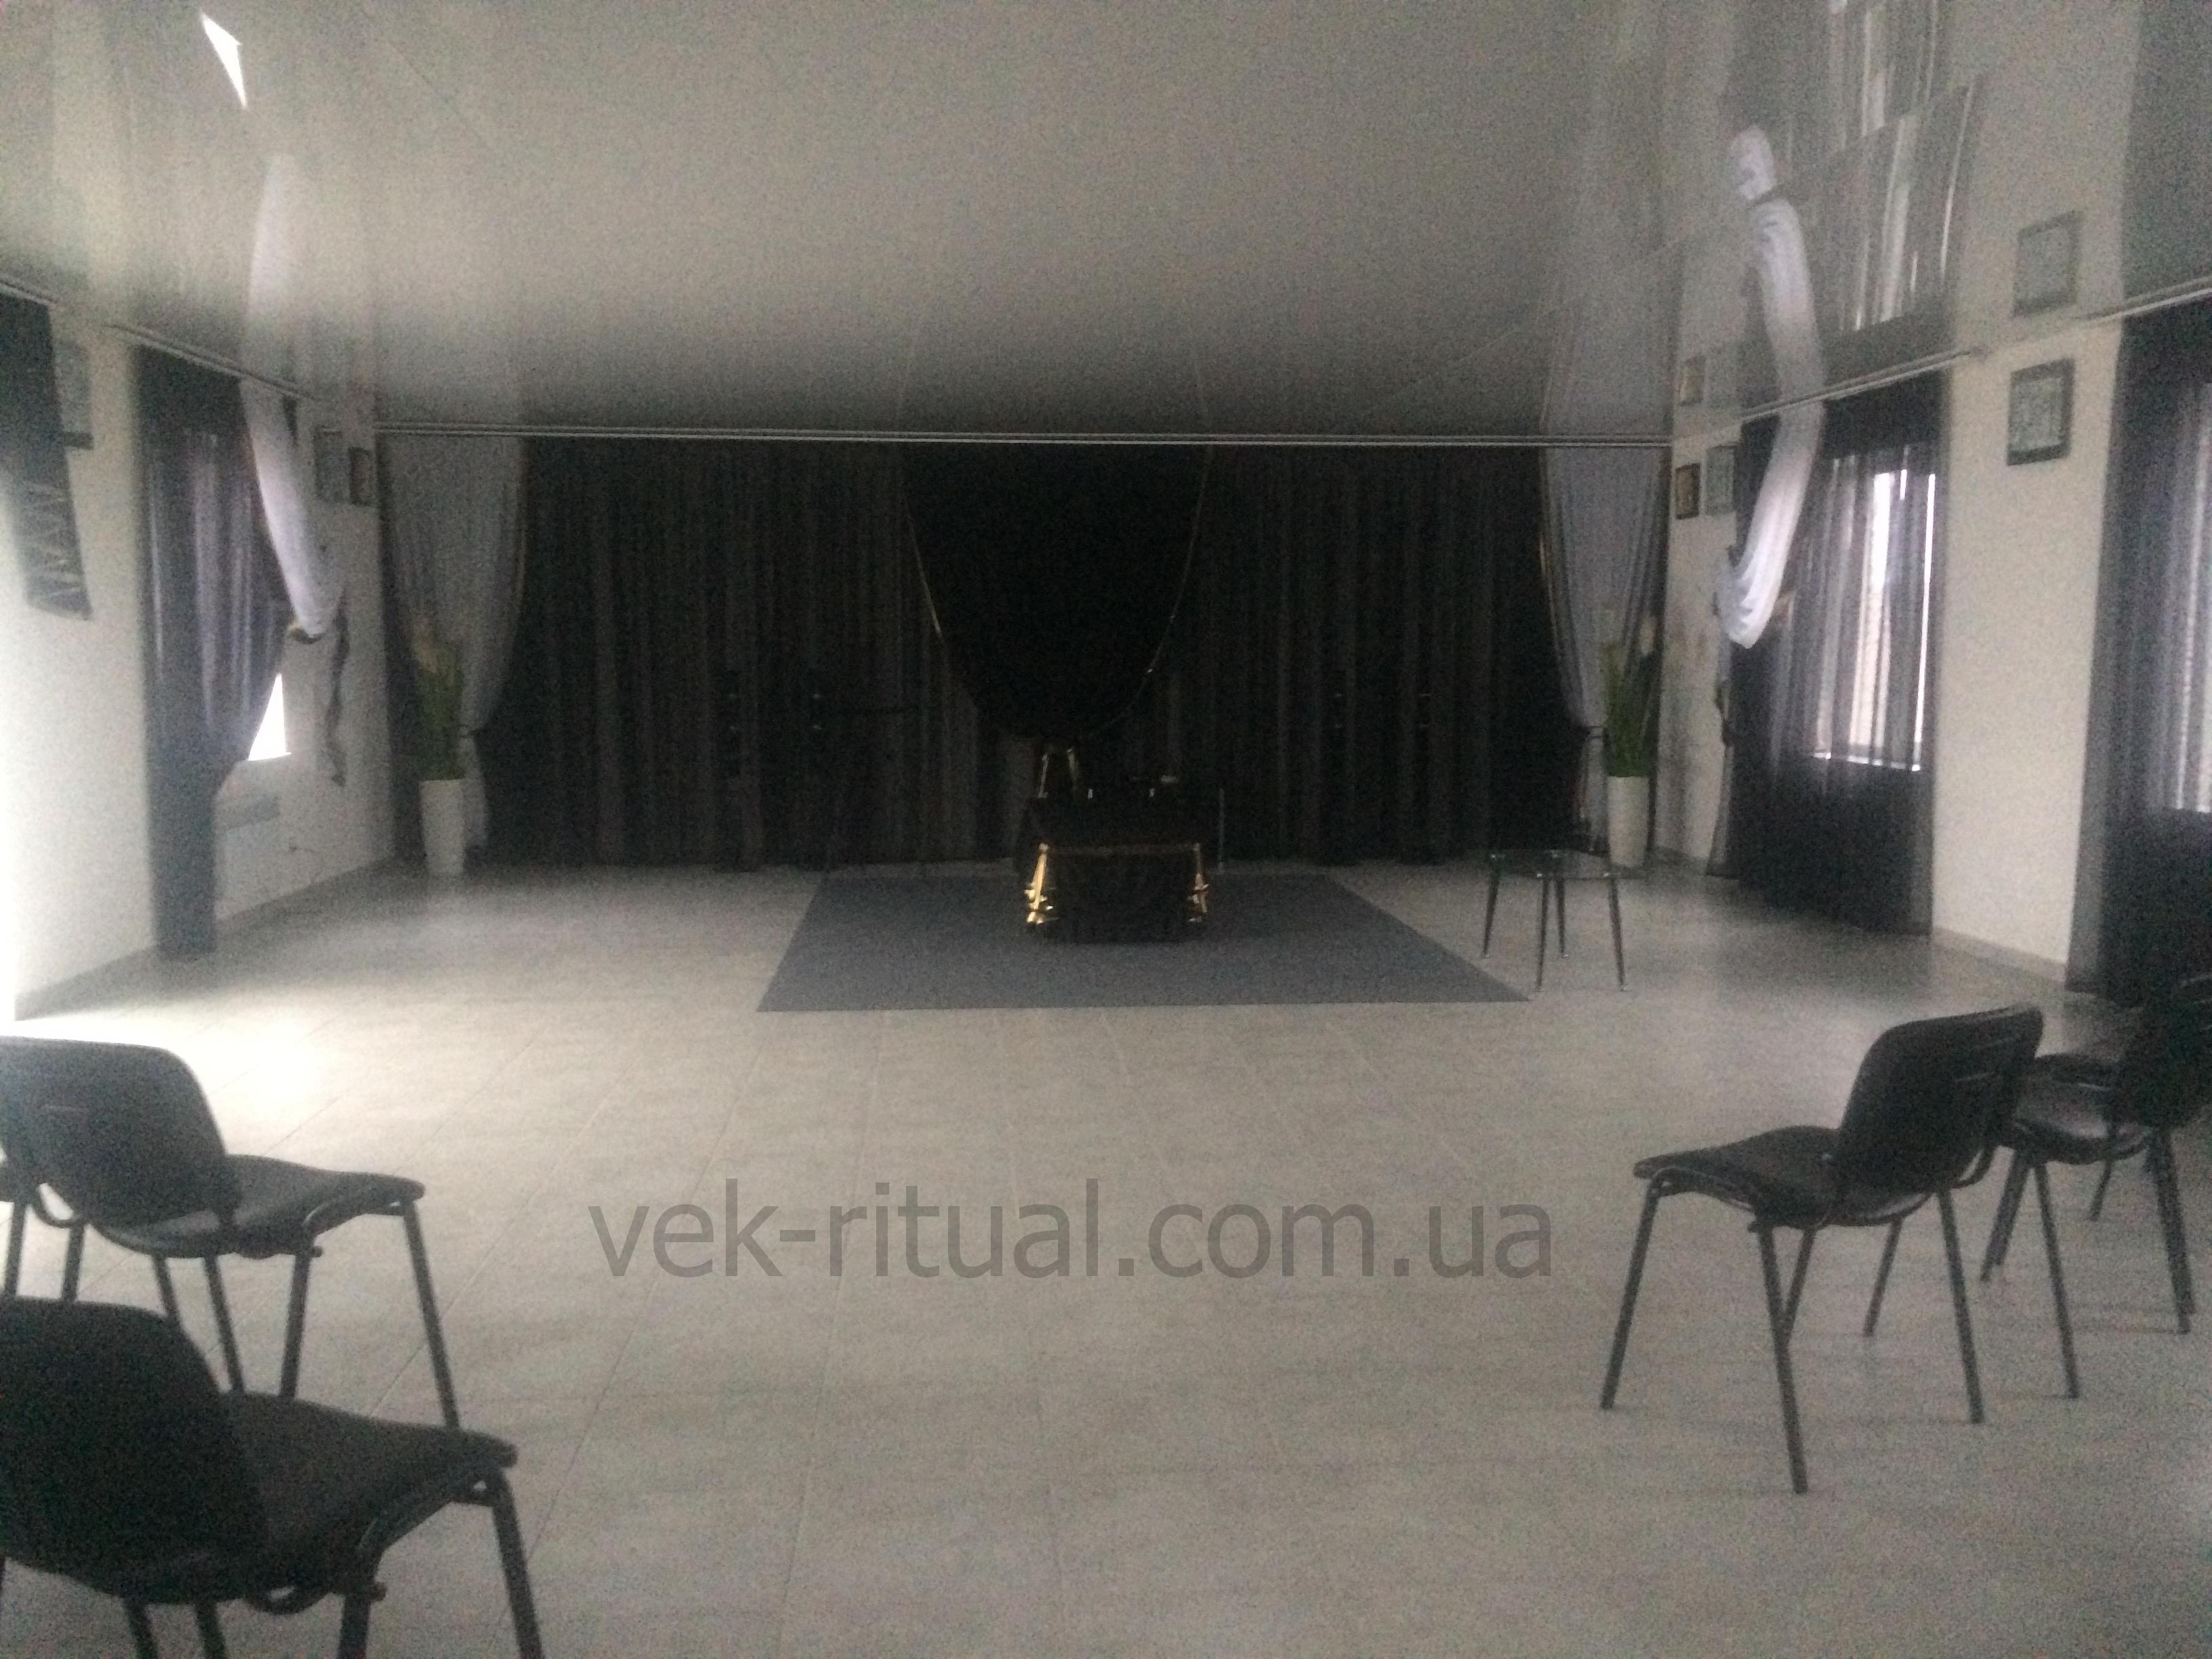 ритуальный зал для прощания ВЕК